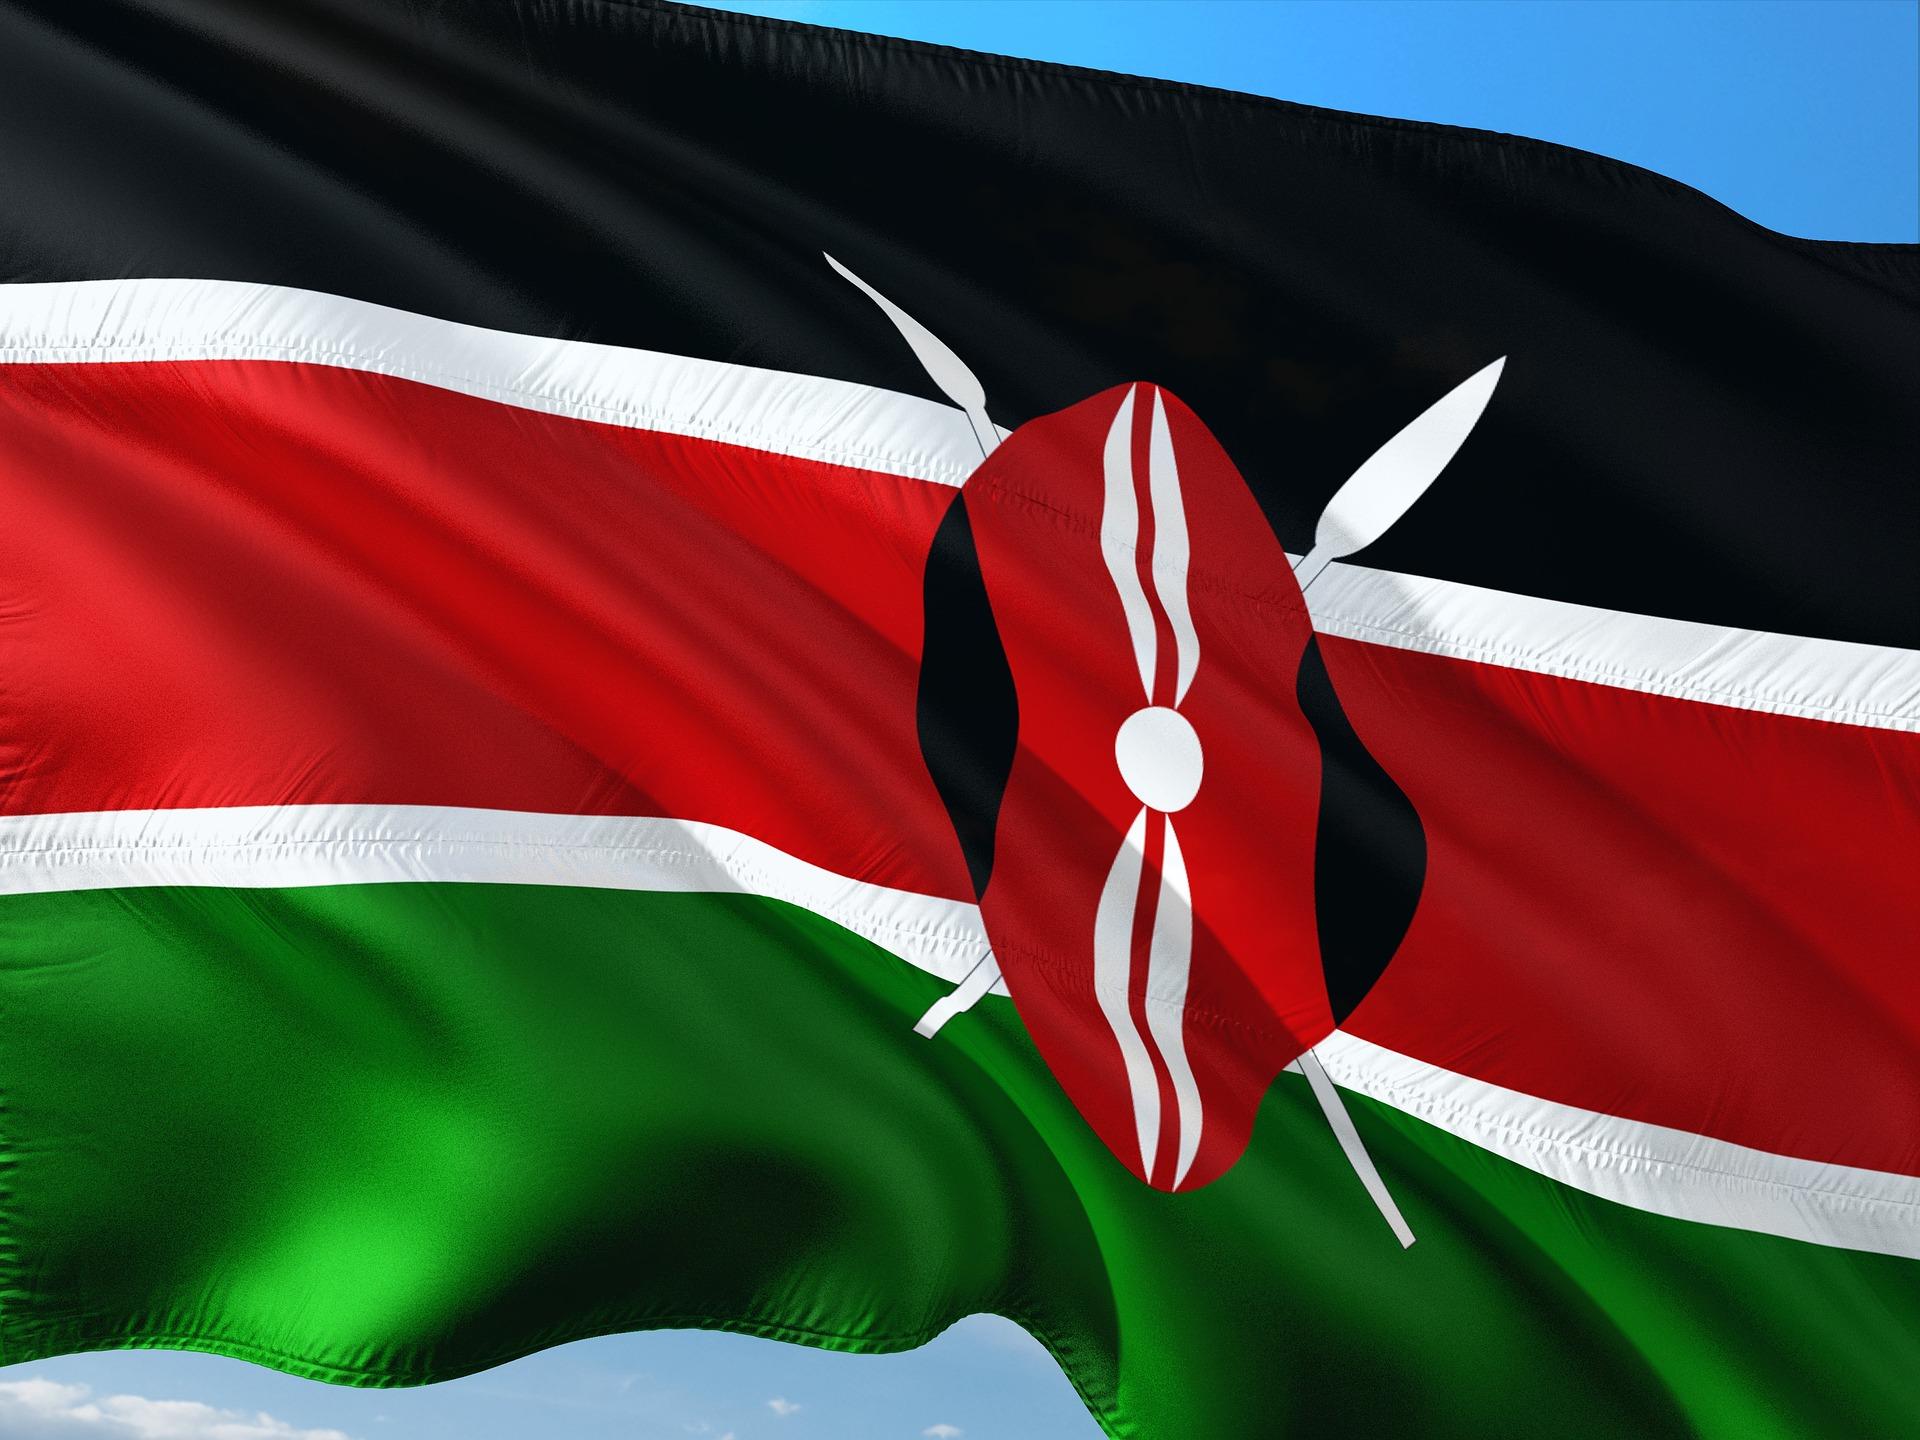 La Traduction de vos documents en Swahili avec Eu Coordination, agence de Traduction et d'Interprétation.